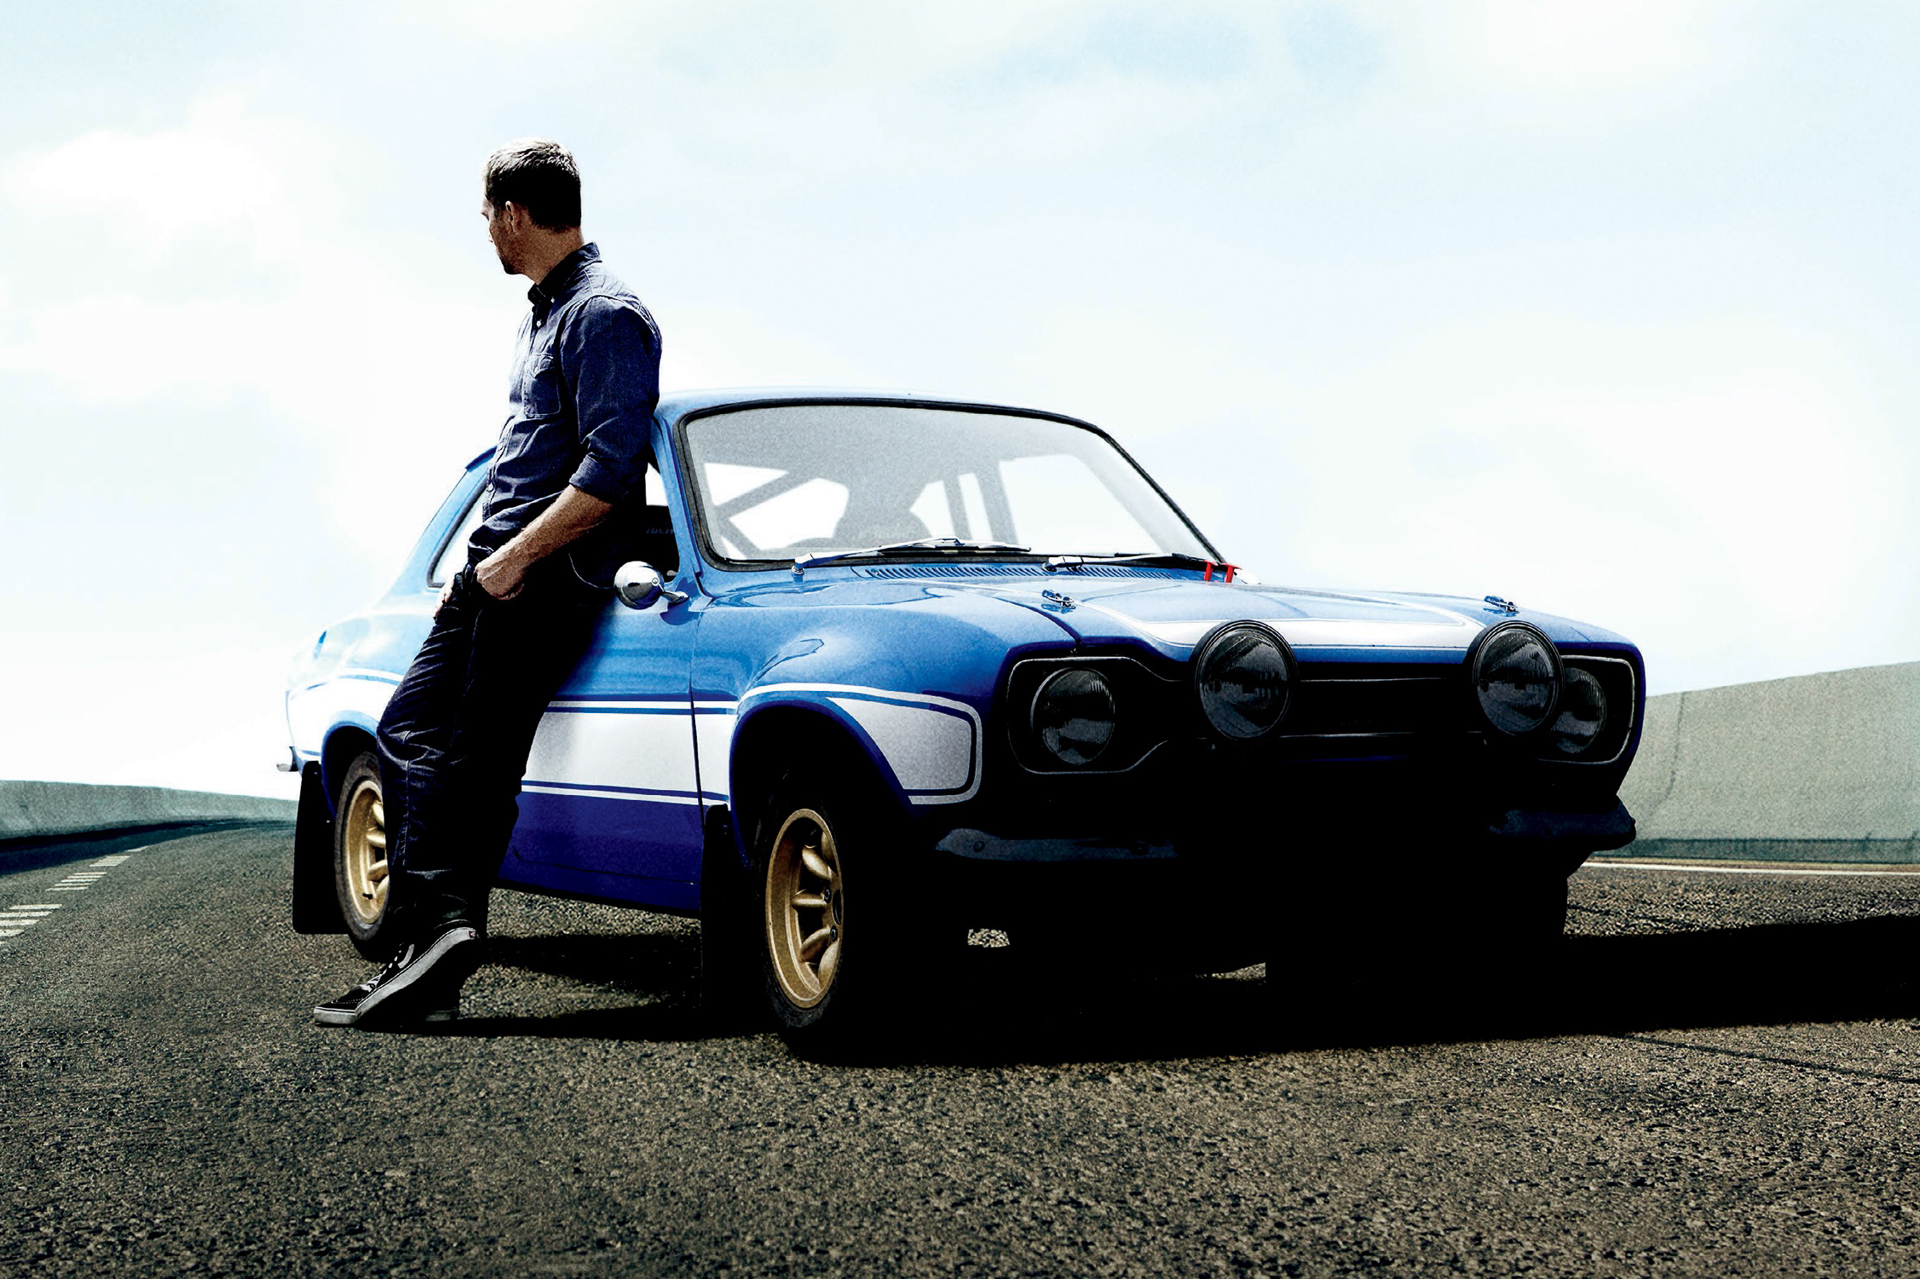 Paul Walker: A True Car Guy